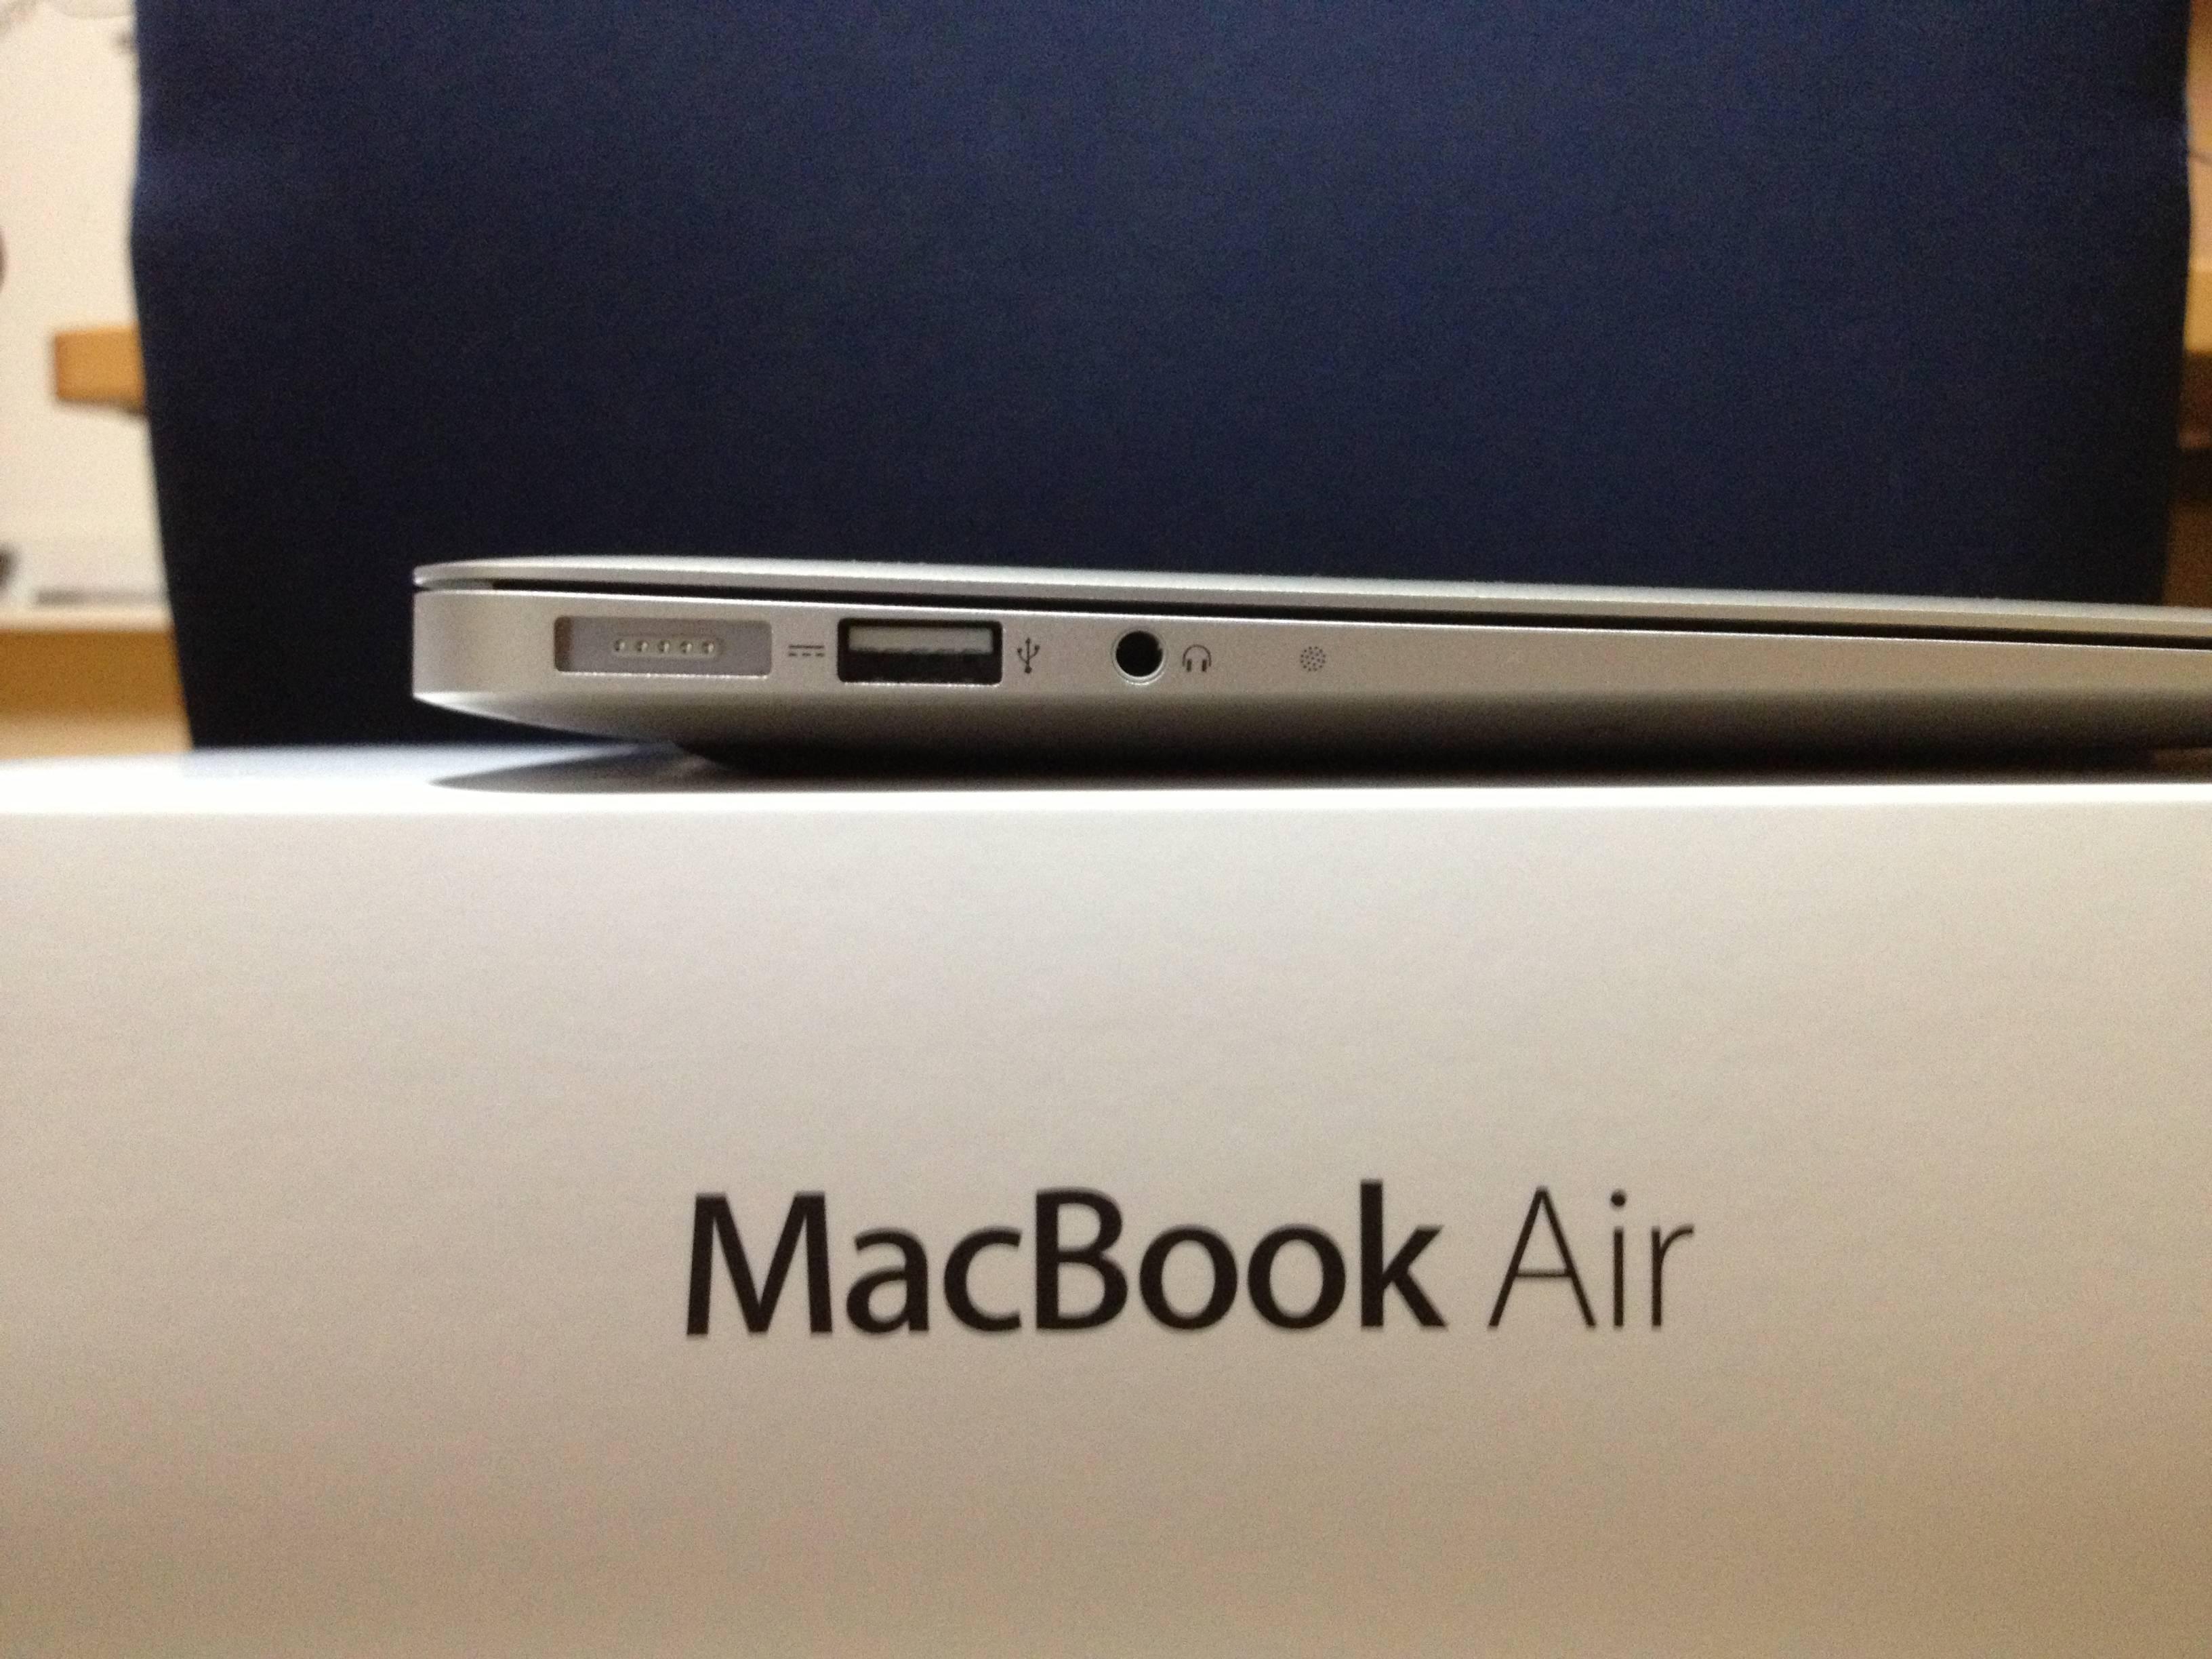 MacBook Air with MagSafe 2